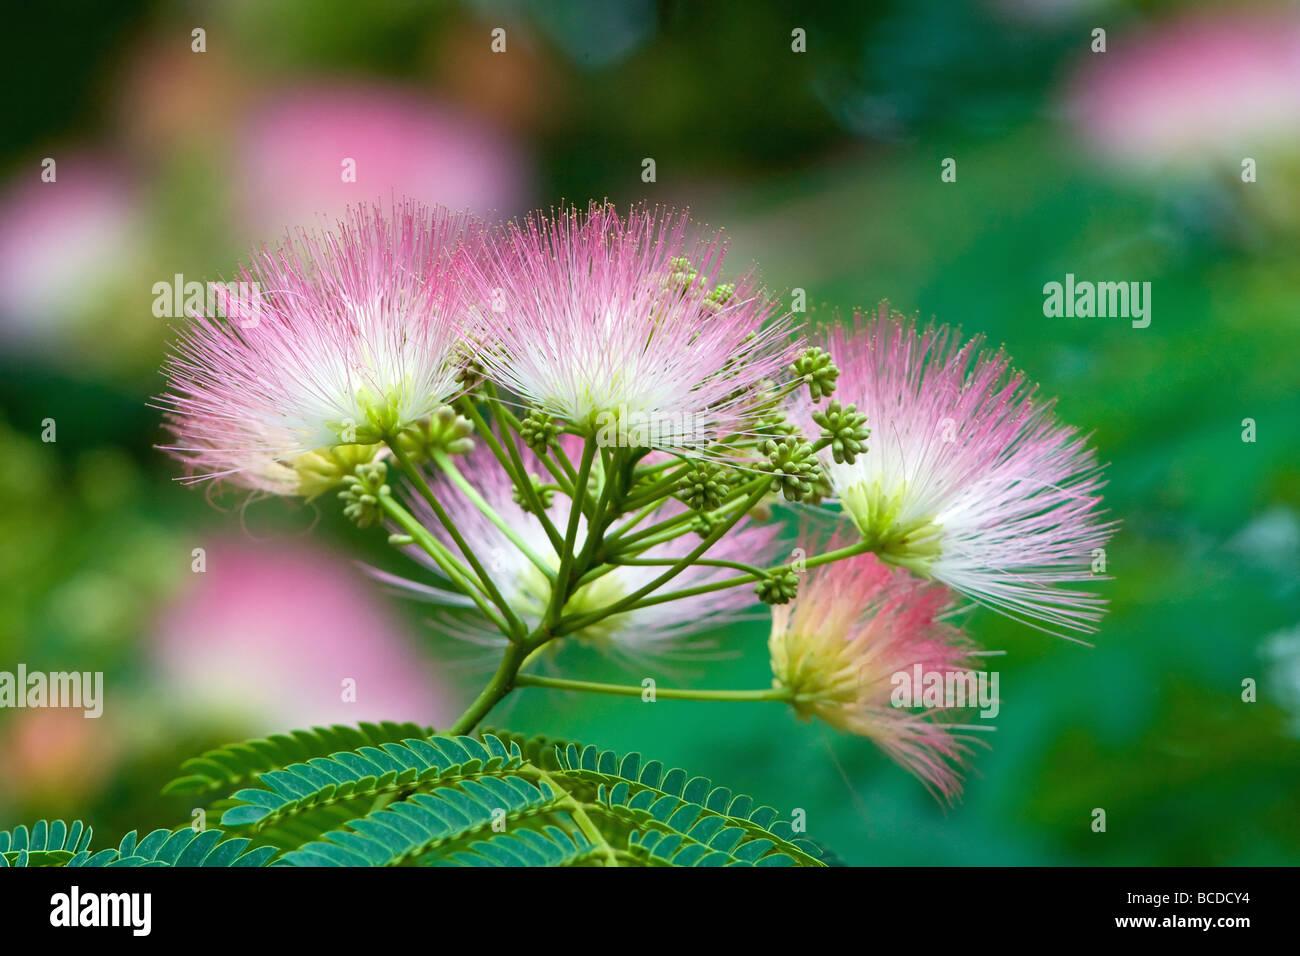 Mimosa Tree Albizia Julibrissin Stock Photo 24881784 Alamy